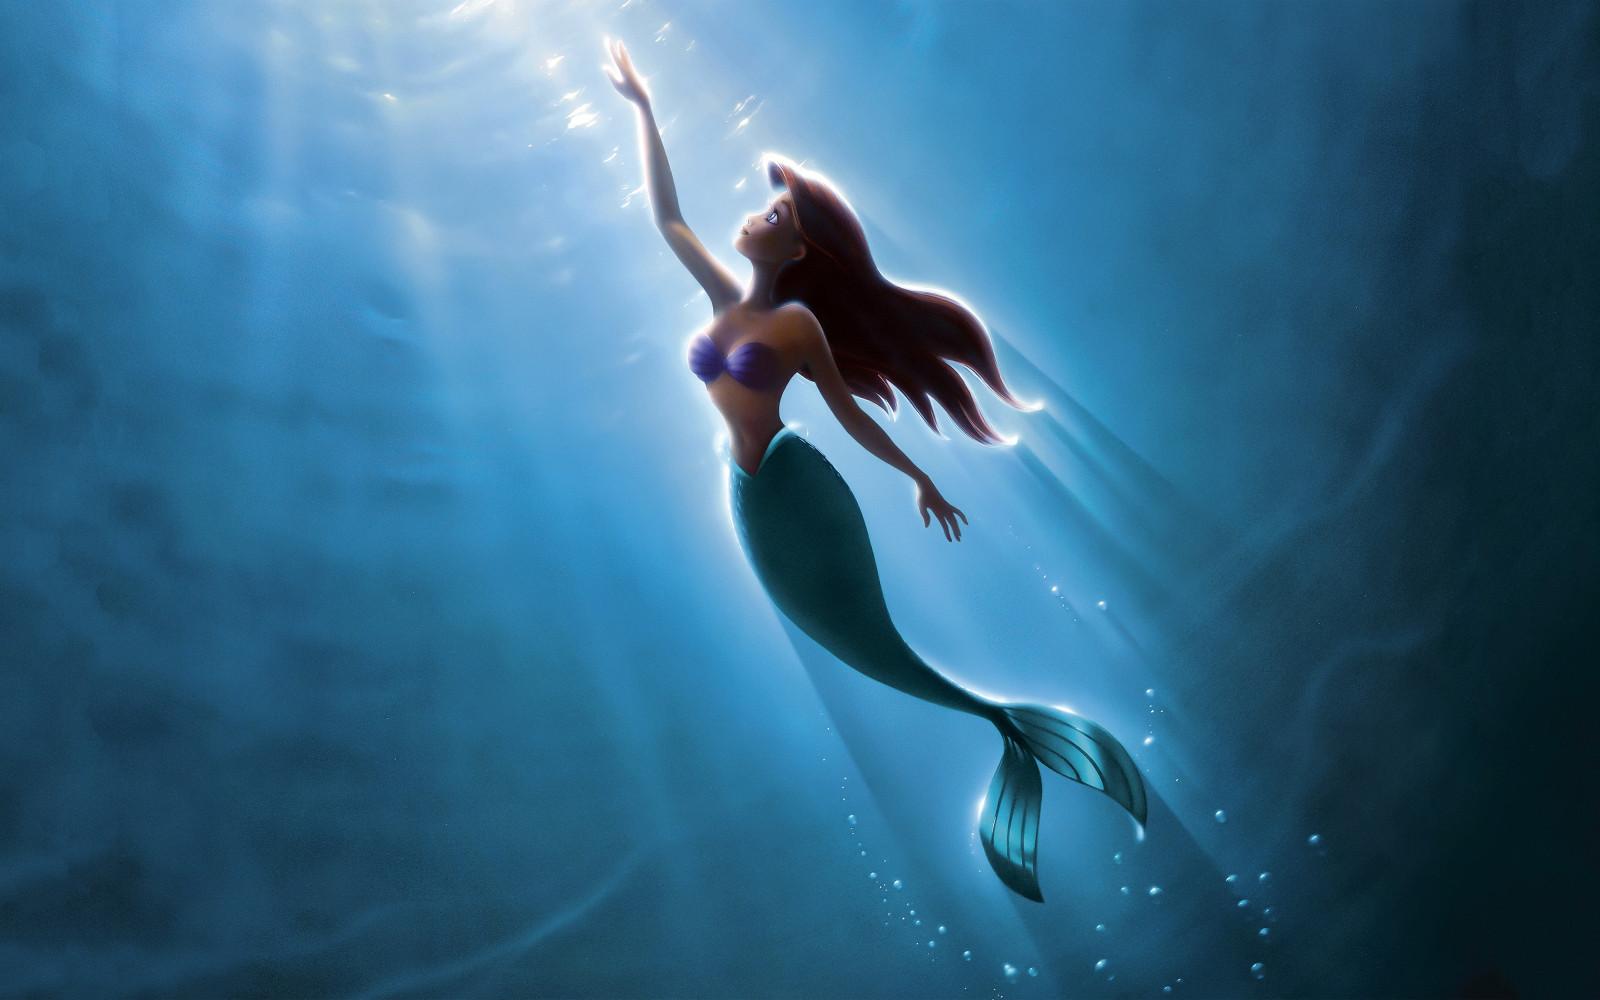 Fondos De Pantalla De Disney: Fondos De Pantalla : La Sirenita, Disney, Películas